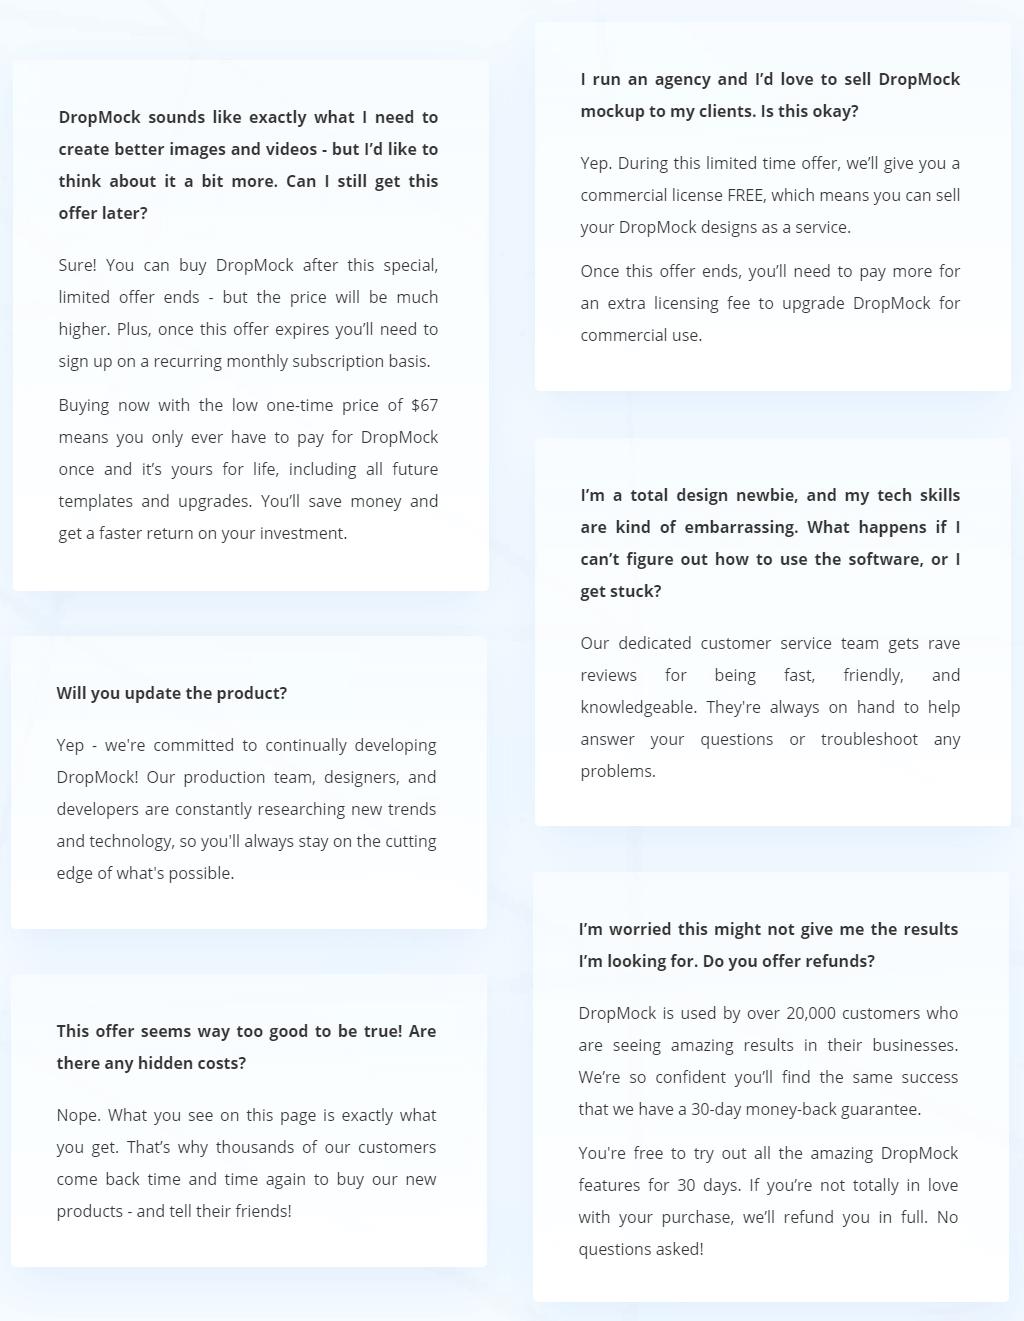 DropMock-All-In-One-Marketing-Portal-faq